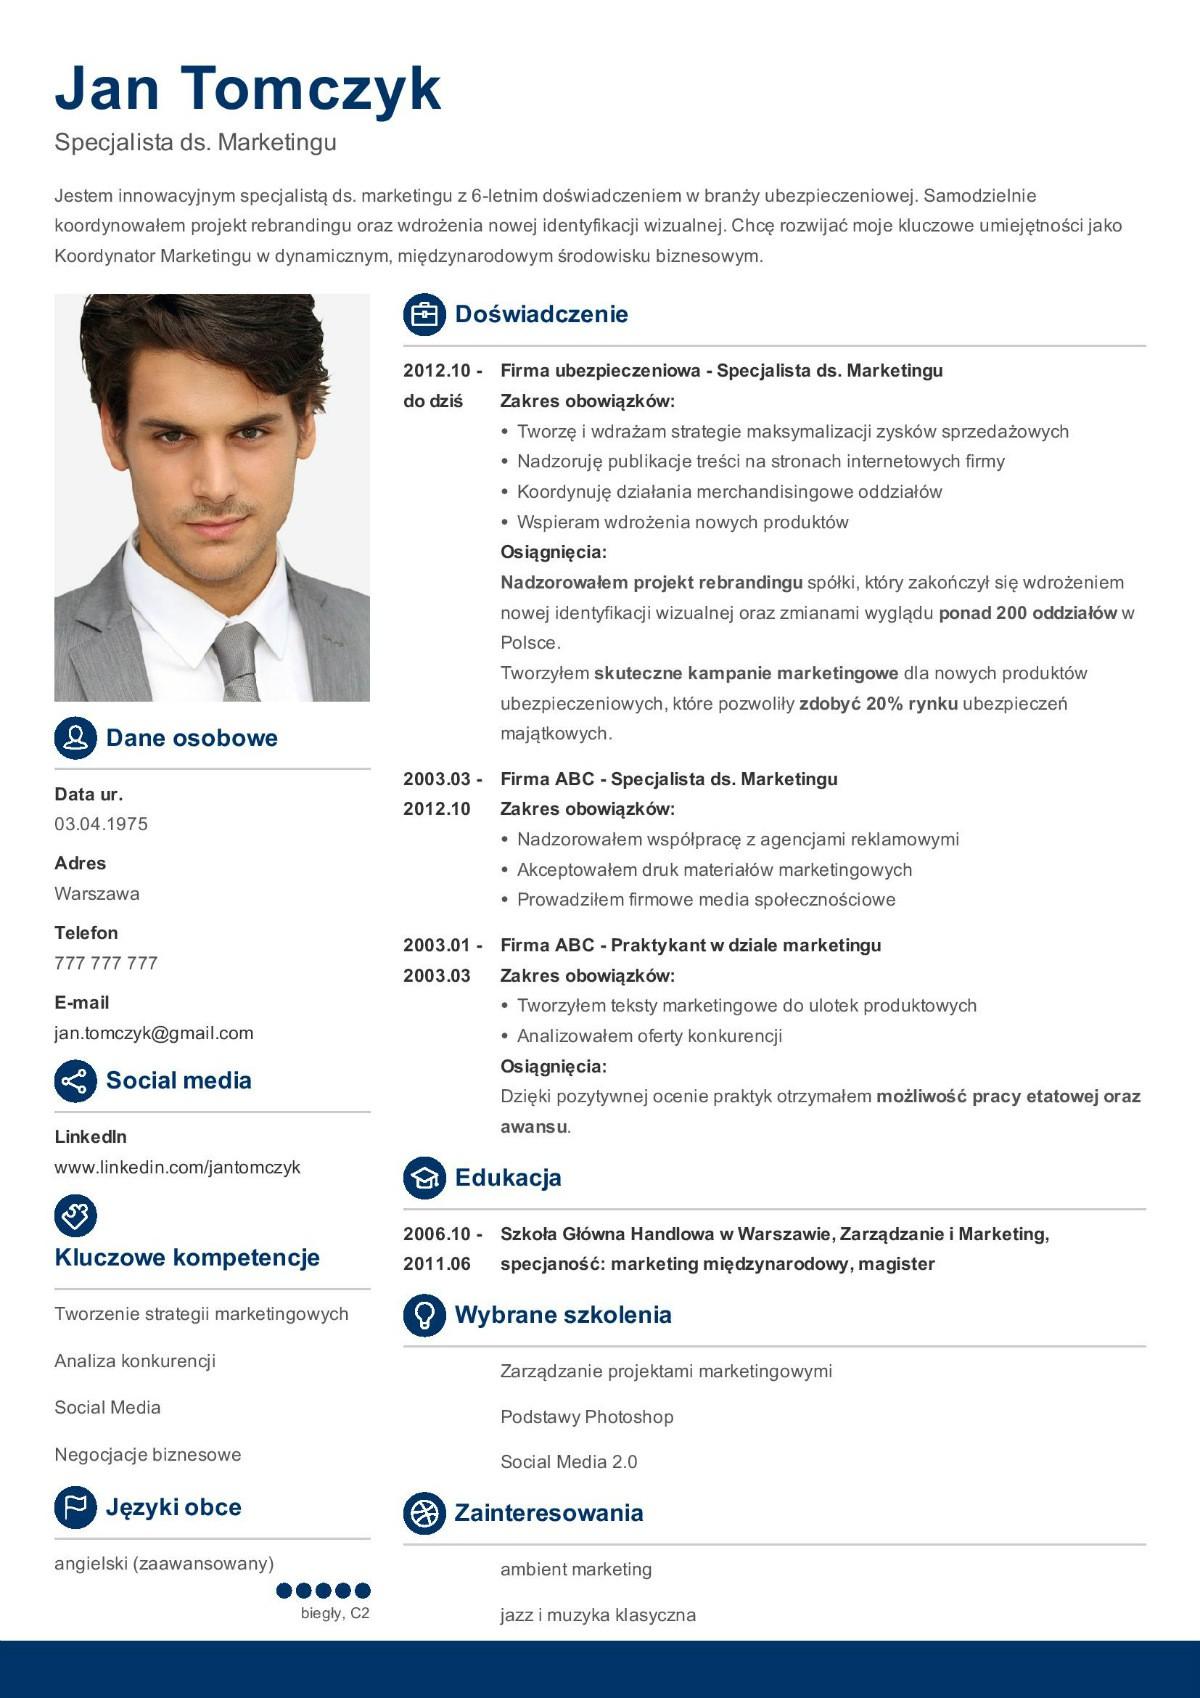 Recursos arquitectura - CV 5